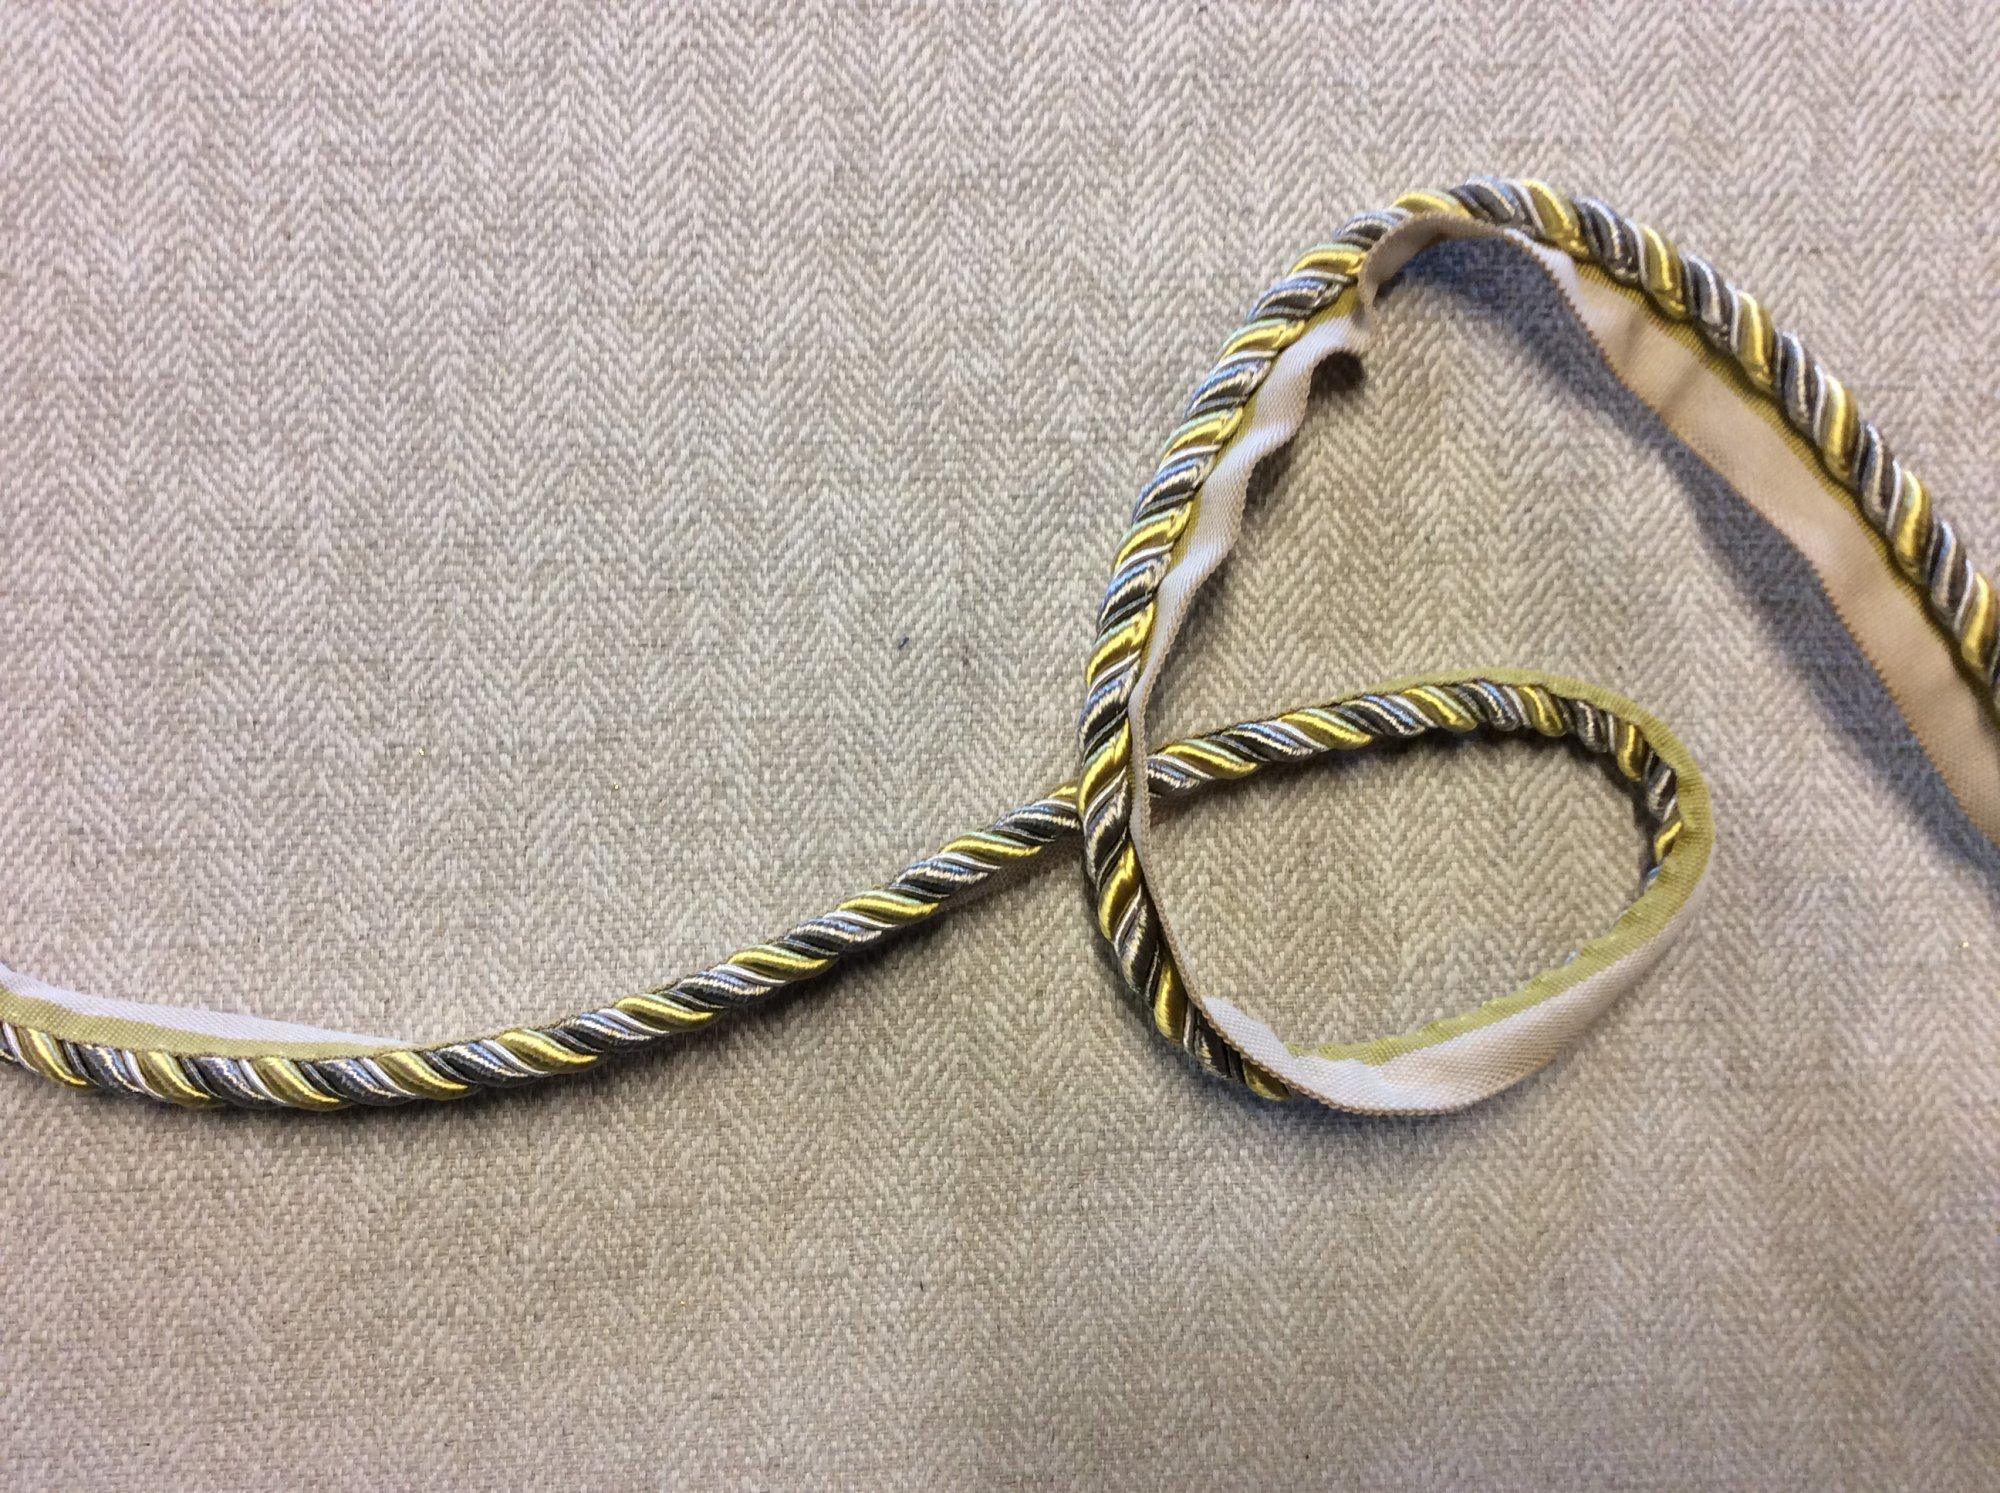 Silver Gray and Yellow Gold Lip Cord Home Decor Trim TRIM1025